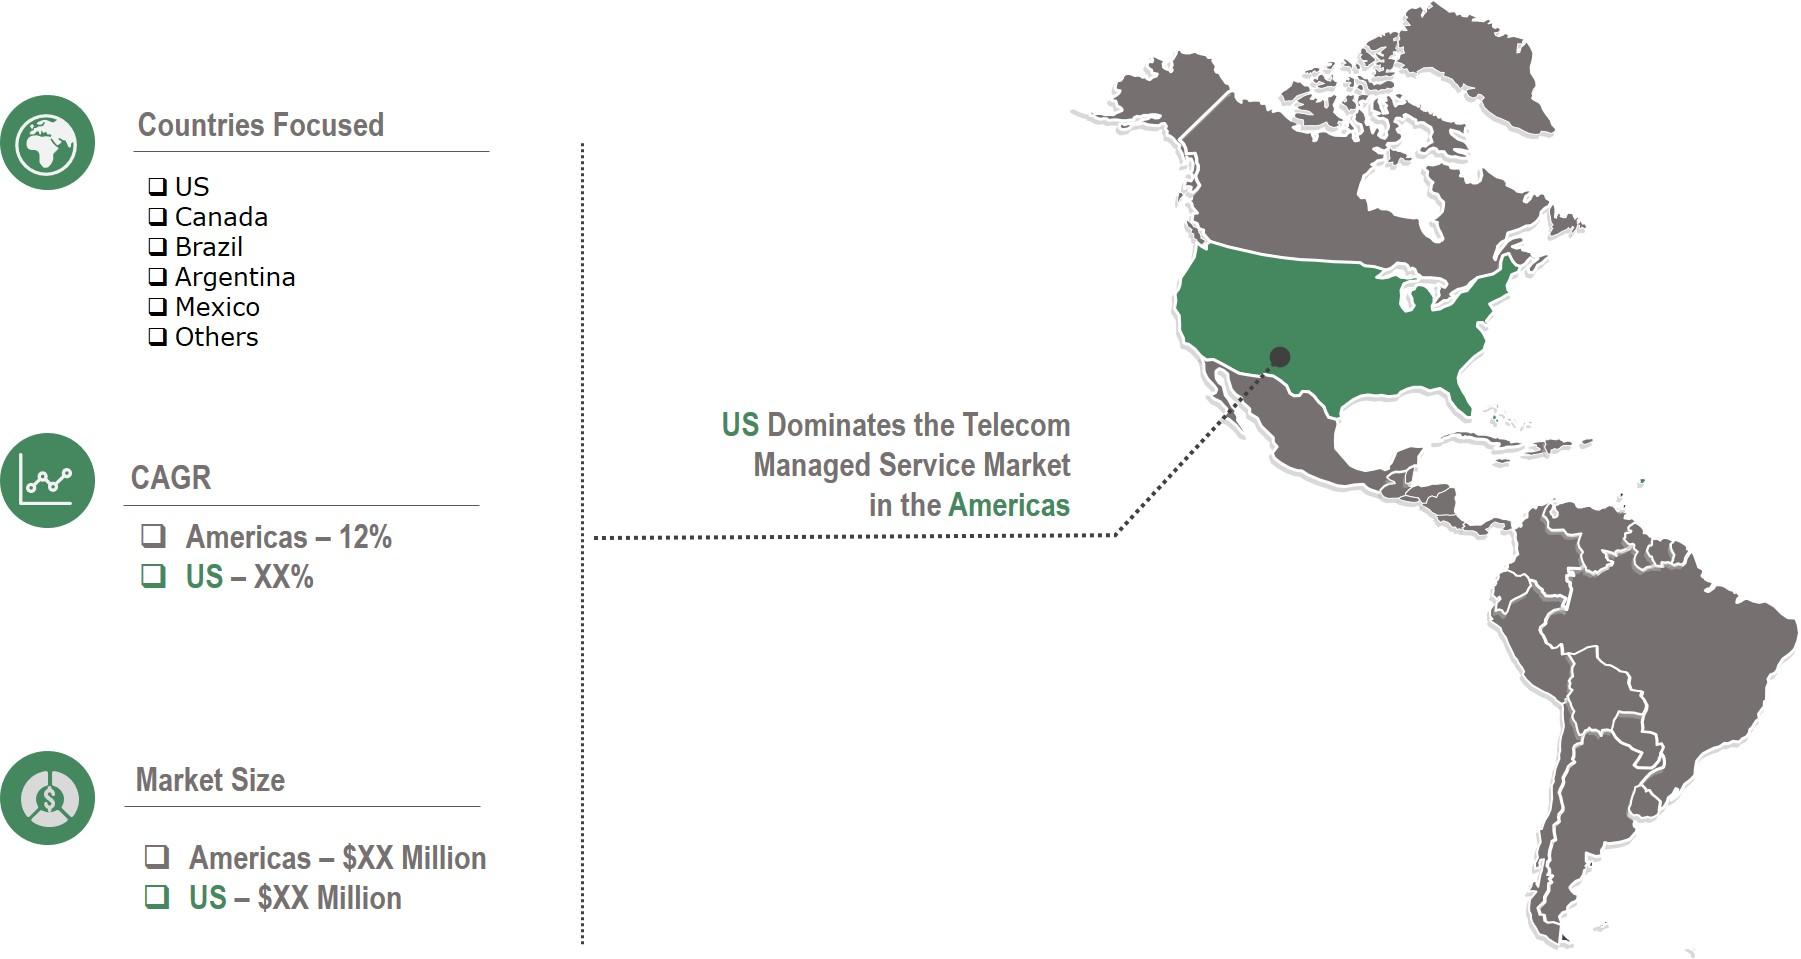 Americas Telecom Managed Service Market